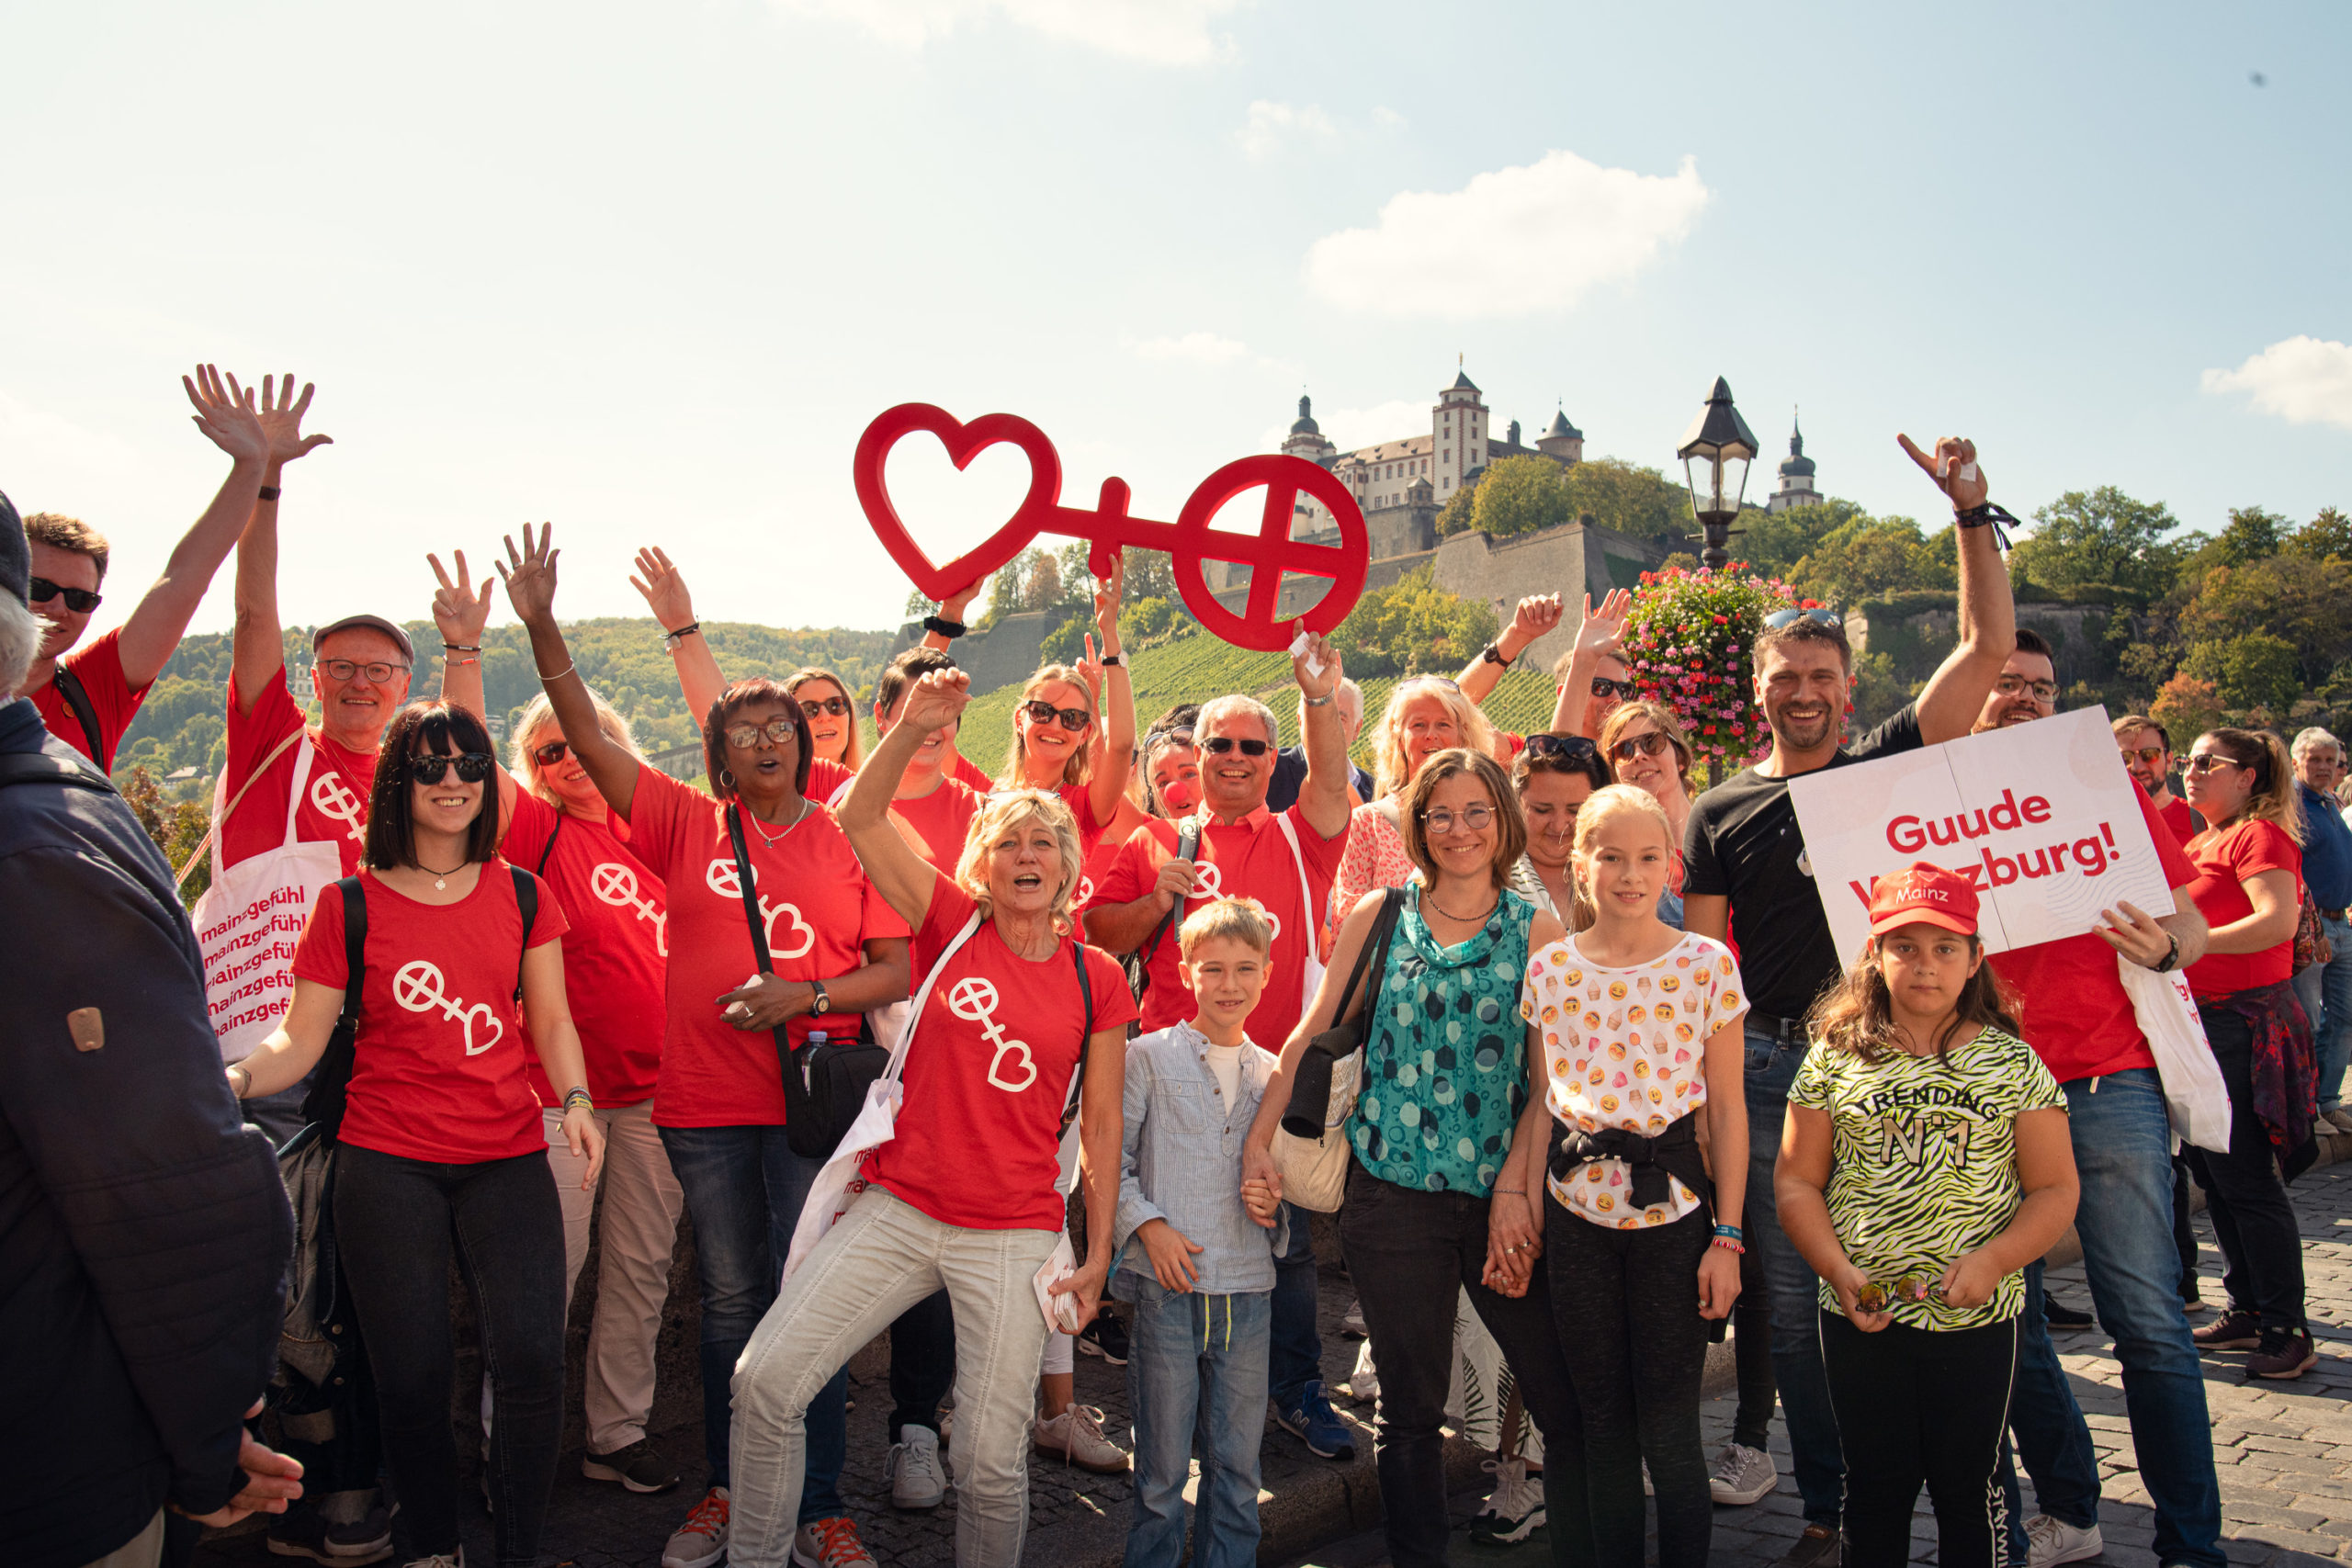 Mainz Flashmob Würzburg_Tourismusfonds Mainz e.V.